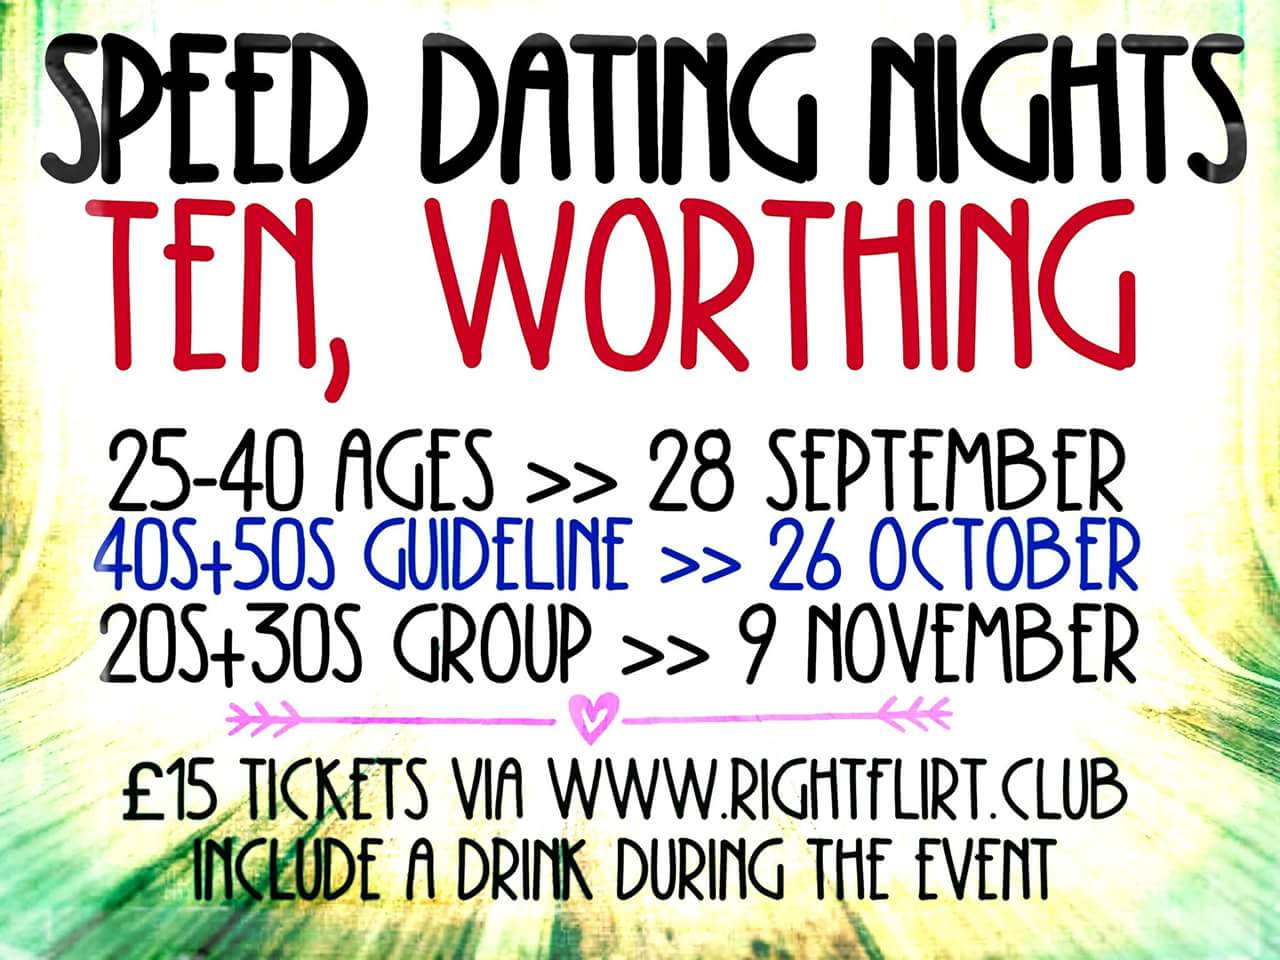 Speed dating horsham